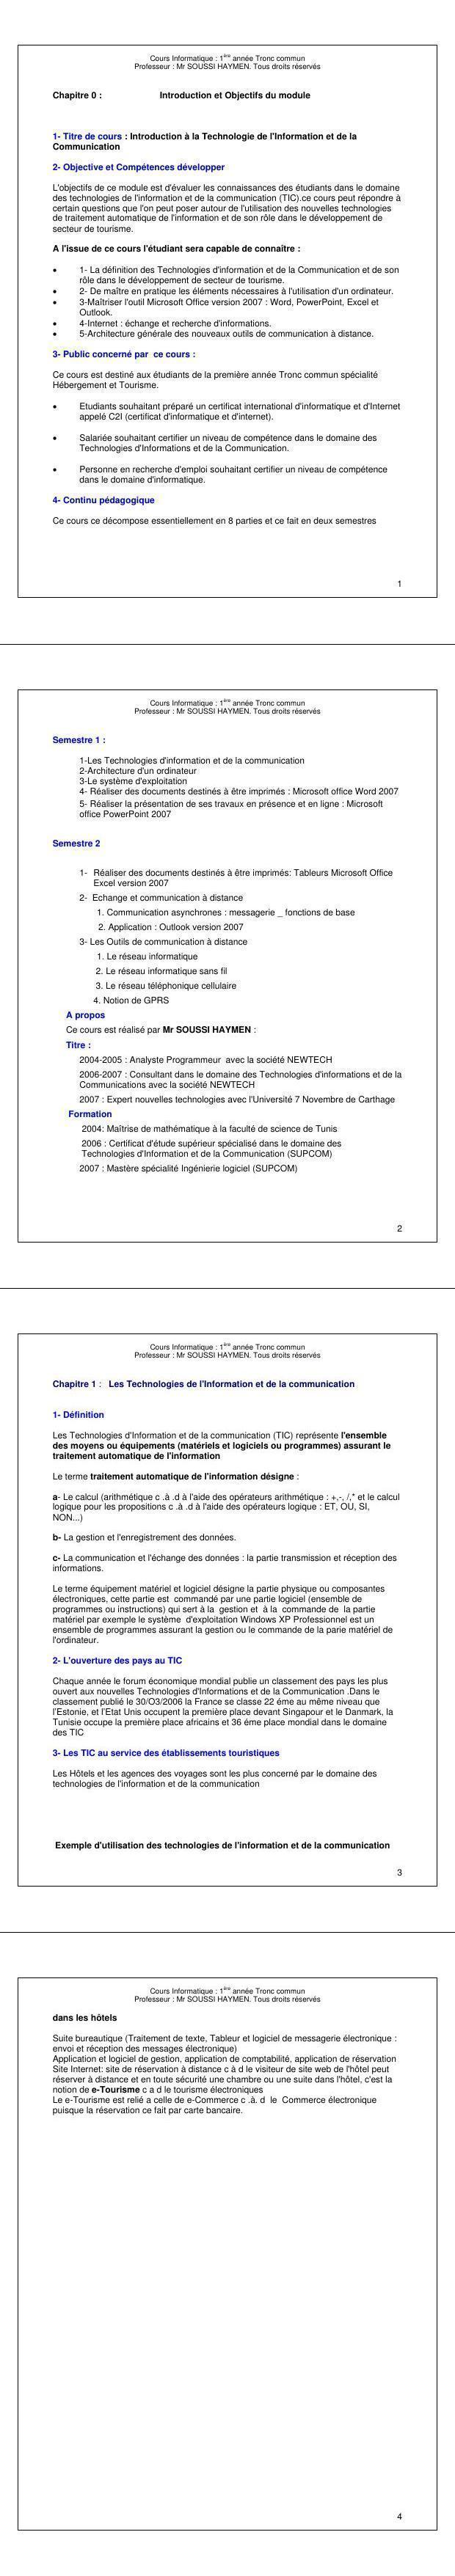 Microsoft Word 2007 Gratuit Complet : microsoft, gratuit, complet, Télécharger, Cours, S.v.t, 4ème, Gratuit, PDFprof.com